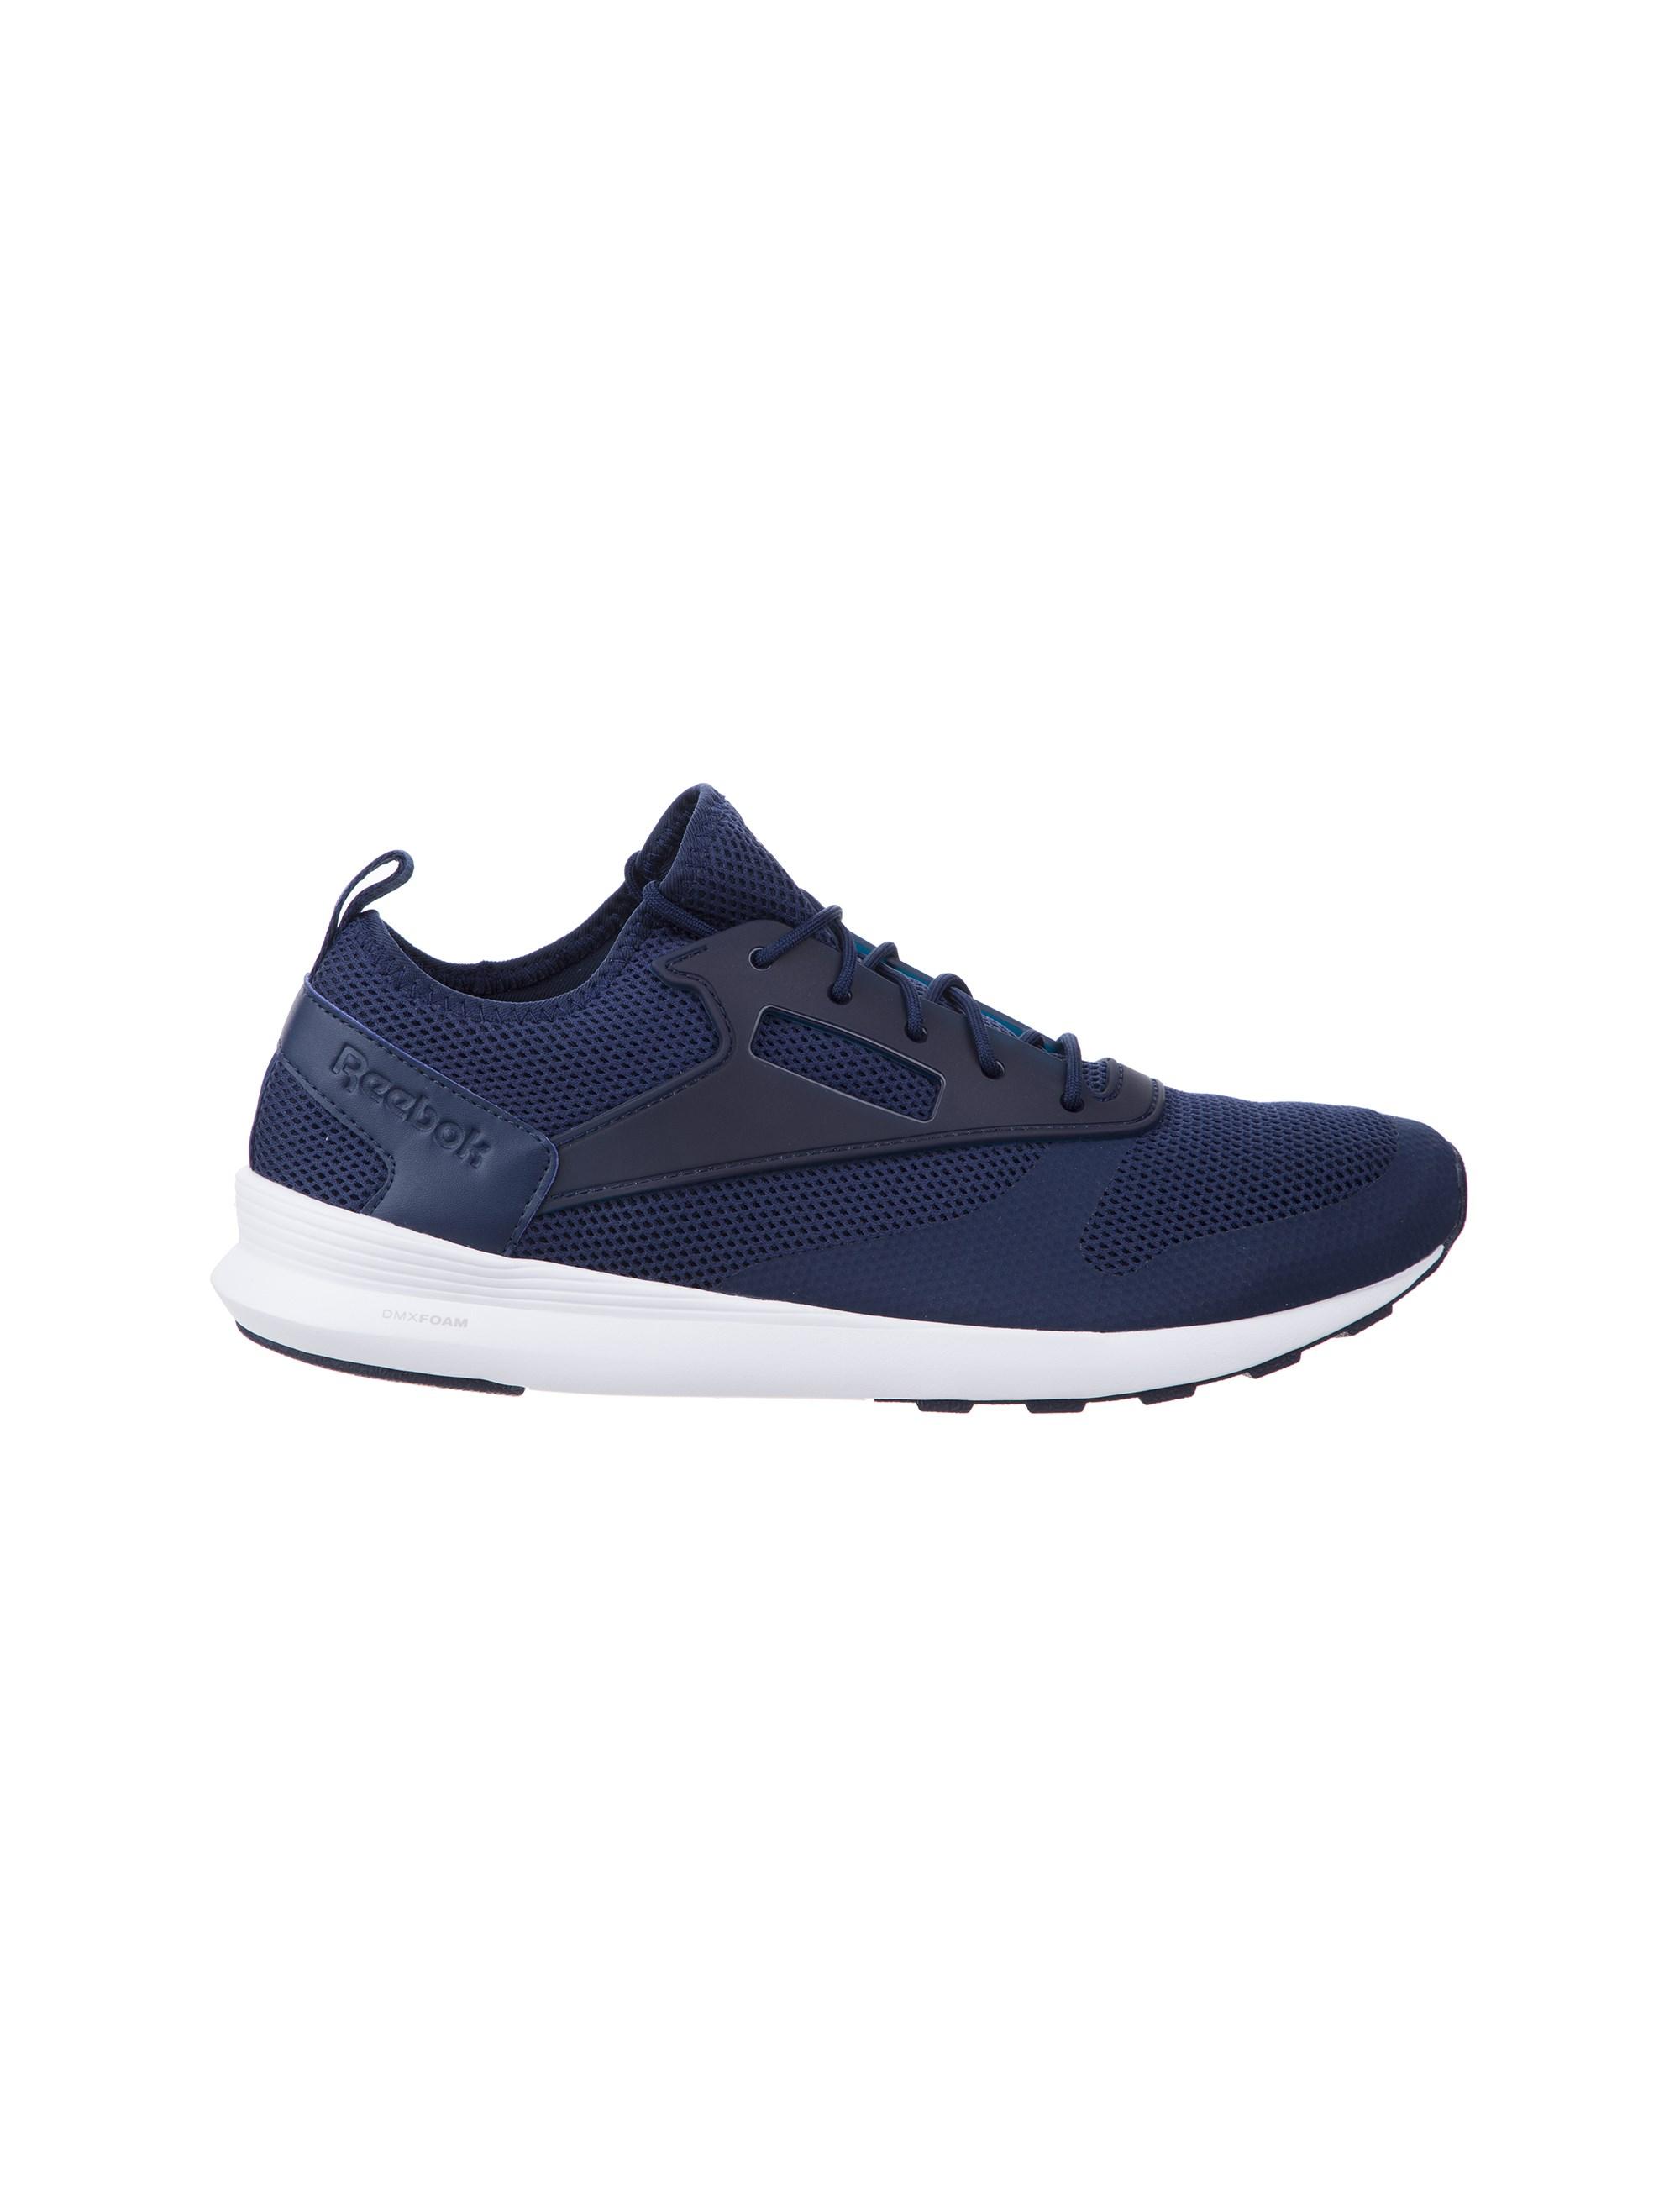 قیمت کفش تمرین بندی مردانه ZOKU - ریباک